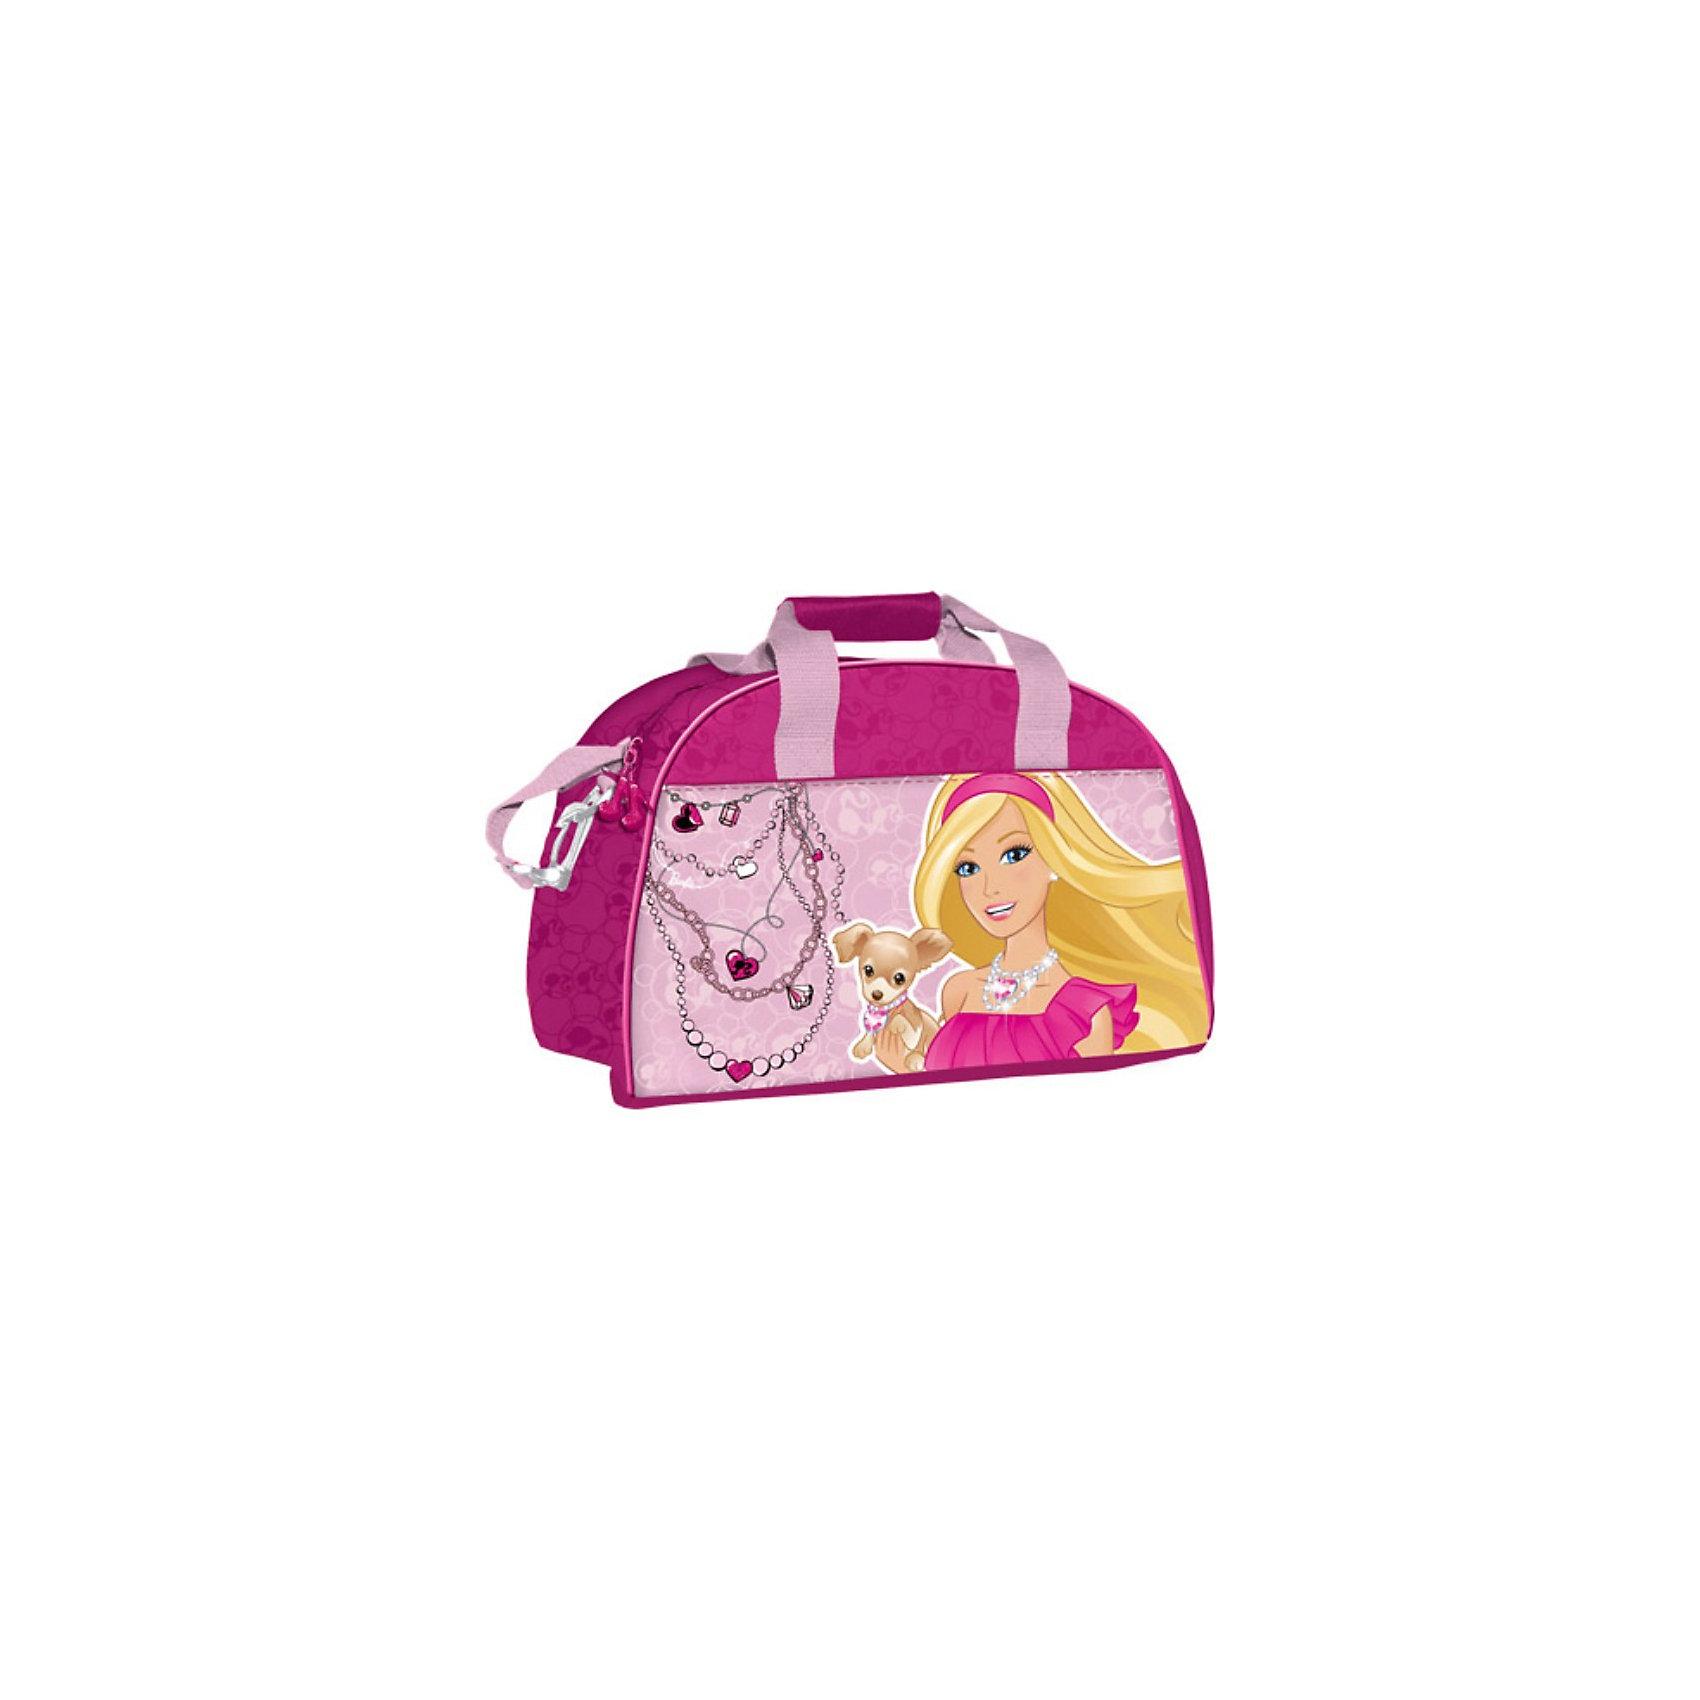 Сумка спортивная, BarbieДетская спортивная сумка придется по вкусу любой активной девочке, посещающей спортзал или спортивные секции.<br>Сумка изготовлена из высококачественного износостойкого полиэстера и оформлена оригинальным принтом.<br>Сумка состоит из одного вместительного отделения, закрывается на застежку-молнию. Внутри располагается небольшой накладной карман на застежке-молнии. Сумка имеет удобные ручки для переноски, а также съемный плечевой ремень, регулирующийся по длине. Сумка очень просторная, в ней без труда поместится спортивная форма или сменная одежда.<br>Спортивная сумка - незаменимый аксессуар, она сочетает в себе практичность и современный дизайн и сделает посещение спортивных секций не только полезным, но и приятным занятием!<br><br>Дополнительная информация:<br><br>Размер: 40 х 26 х 22 см.<br><br>Спортивную Сумку Barbie (Барби) можно купить в нашем магазине.<br><br>Ширина мм: 260<br>Глубина мм: 400<br>Высота мм: 220<br>Вес г: 561<br>Возраст от месяцев: 96<br>Возраст до месяцев: 108<br>Пол: Женский<br>Возраст: Детский<br>SKU: 3563393